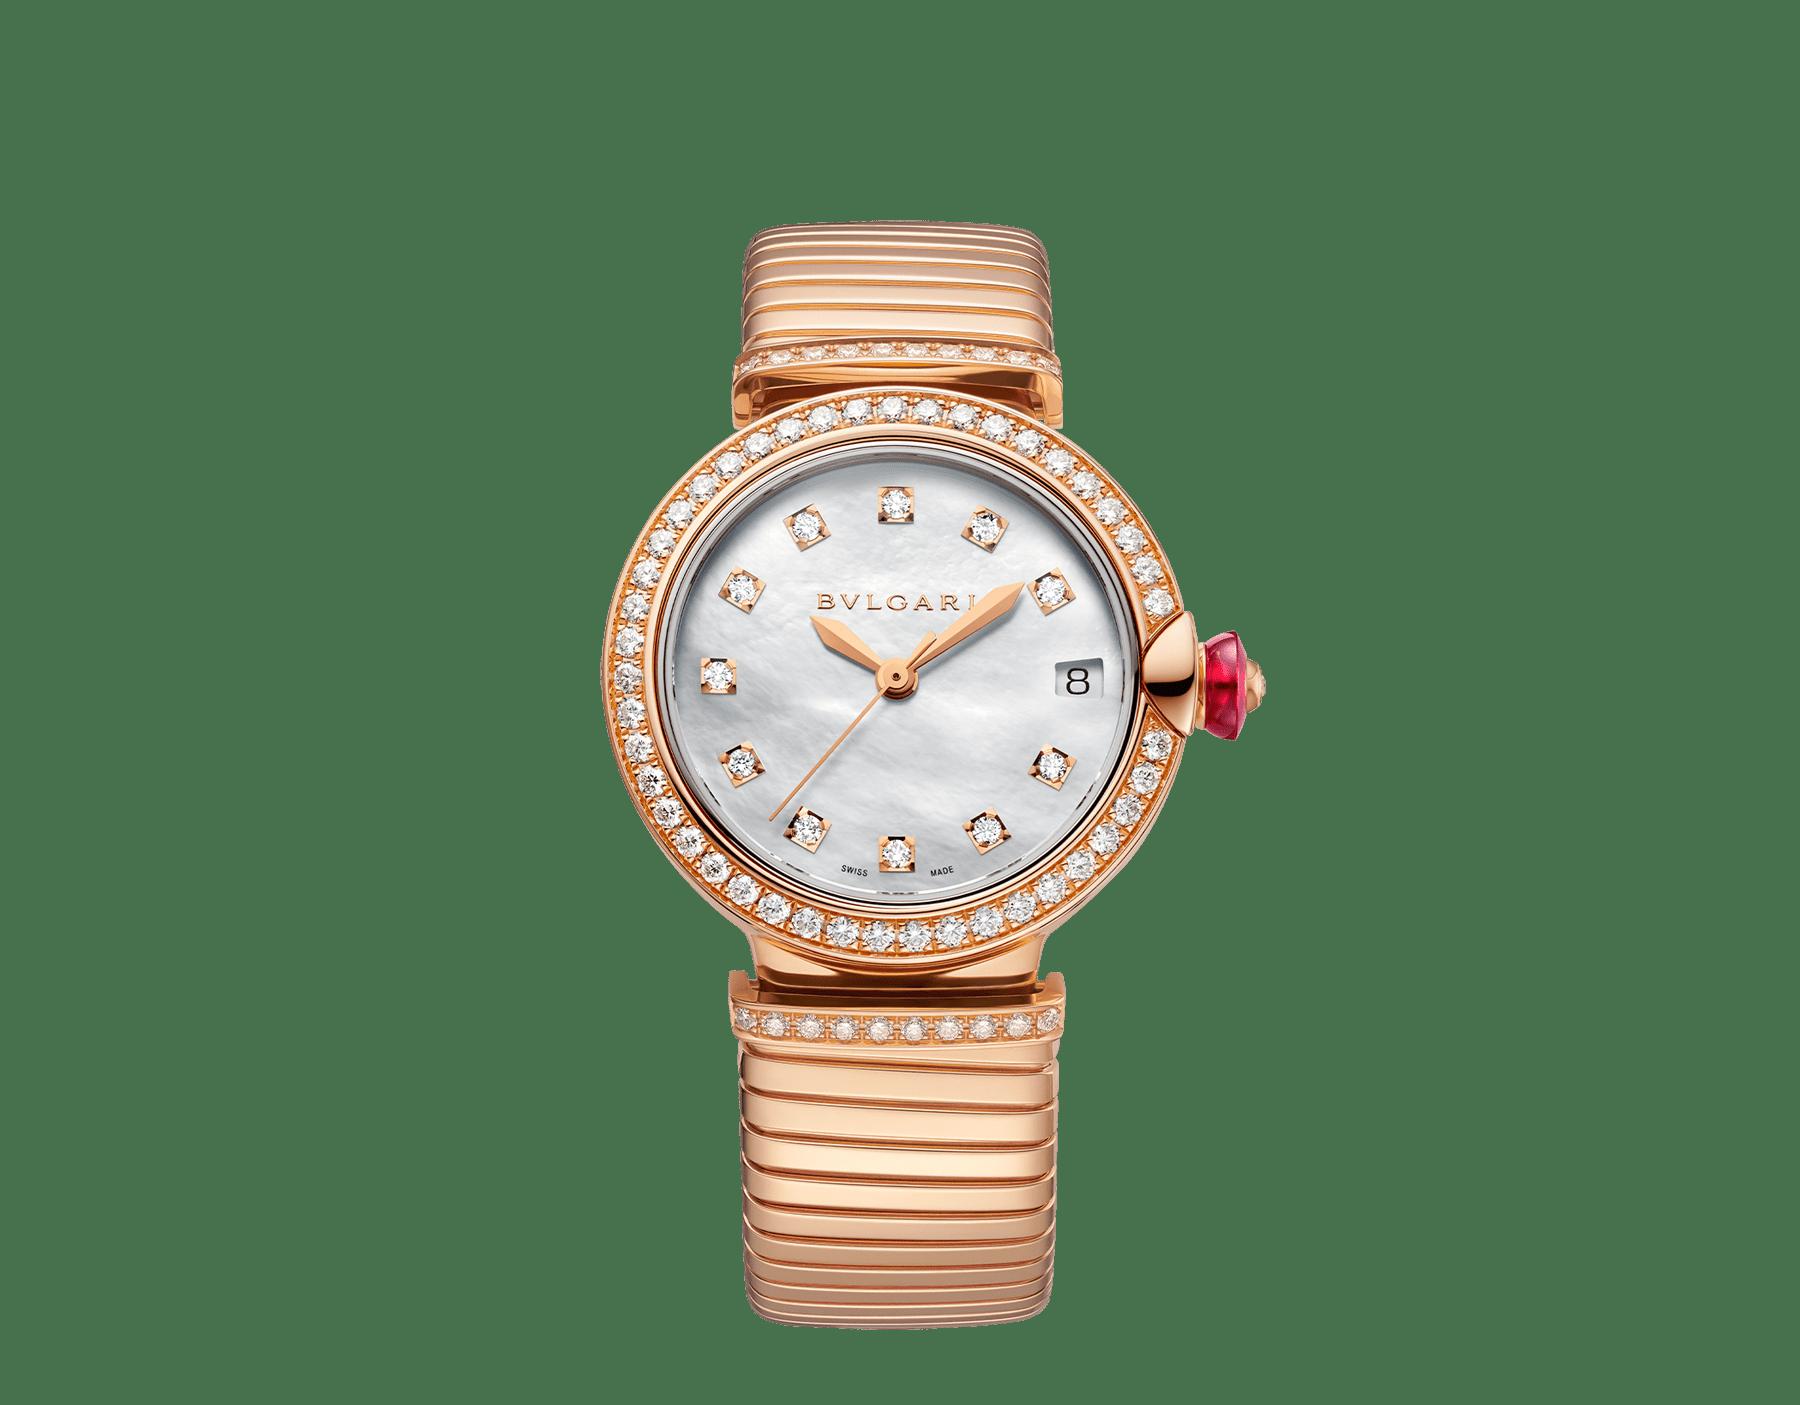 Montre LVCEA Tubogas avec boîtier en or rose 18K serti de diamants, cadran en nacre blanche, index sertis de diamants et bracelet Tubogas en or rose 18K 103034 image 1